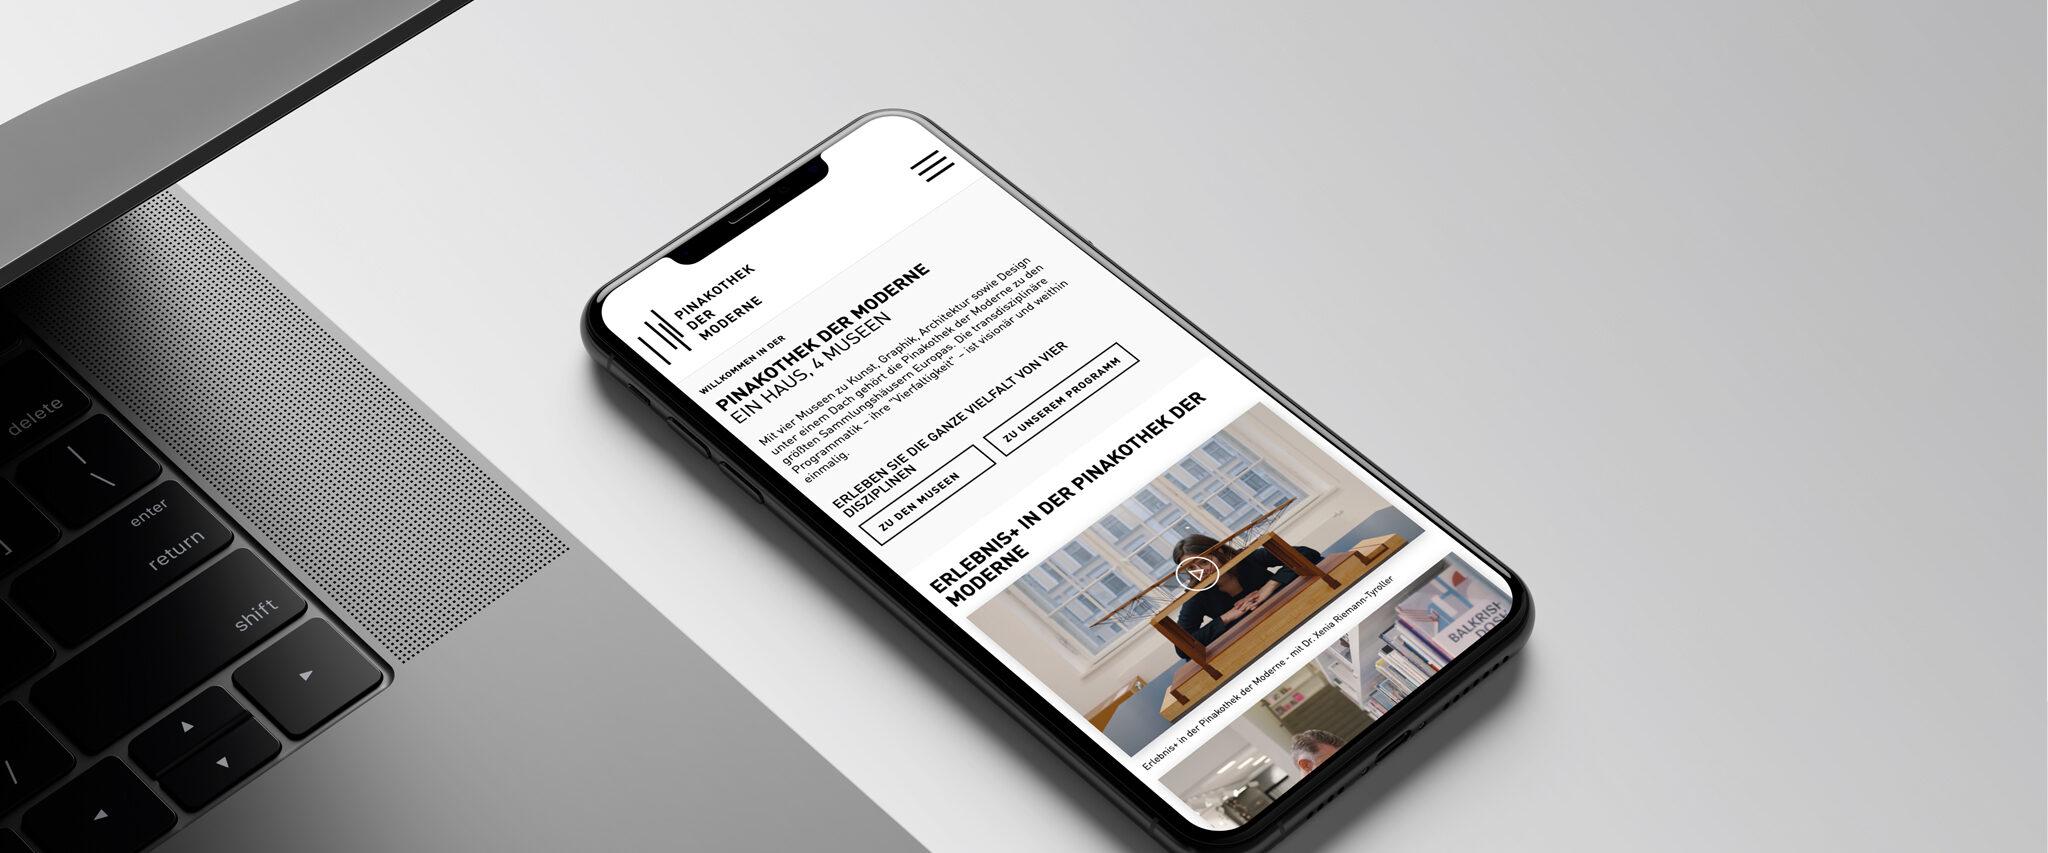 Pinakothek der Moderne Website auf Smartphone